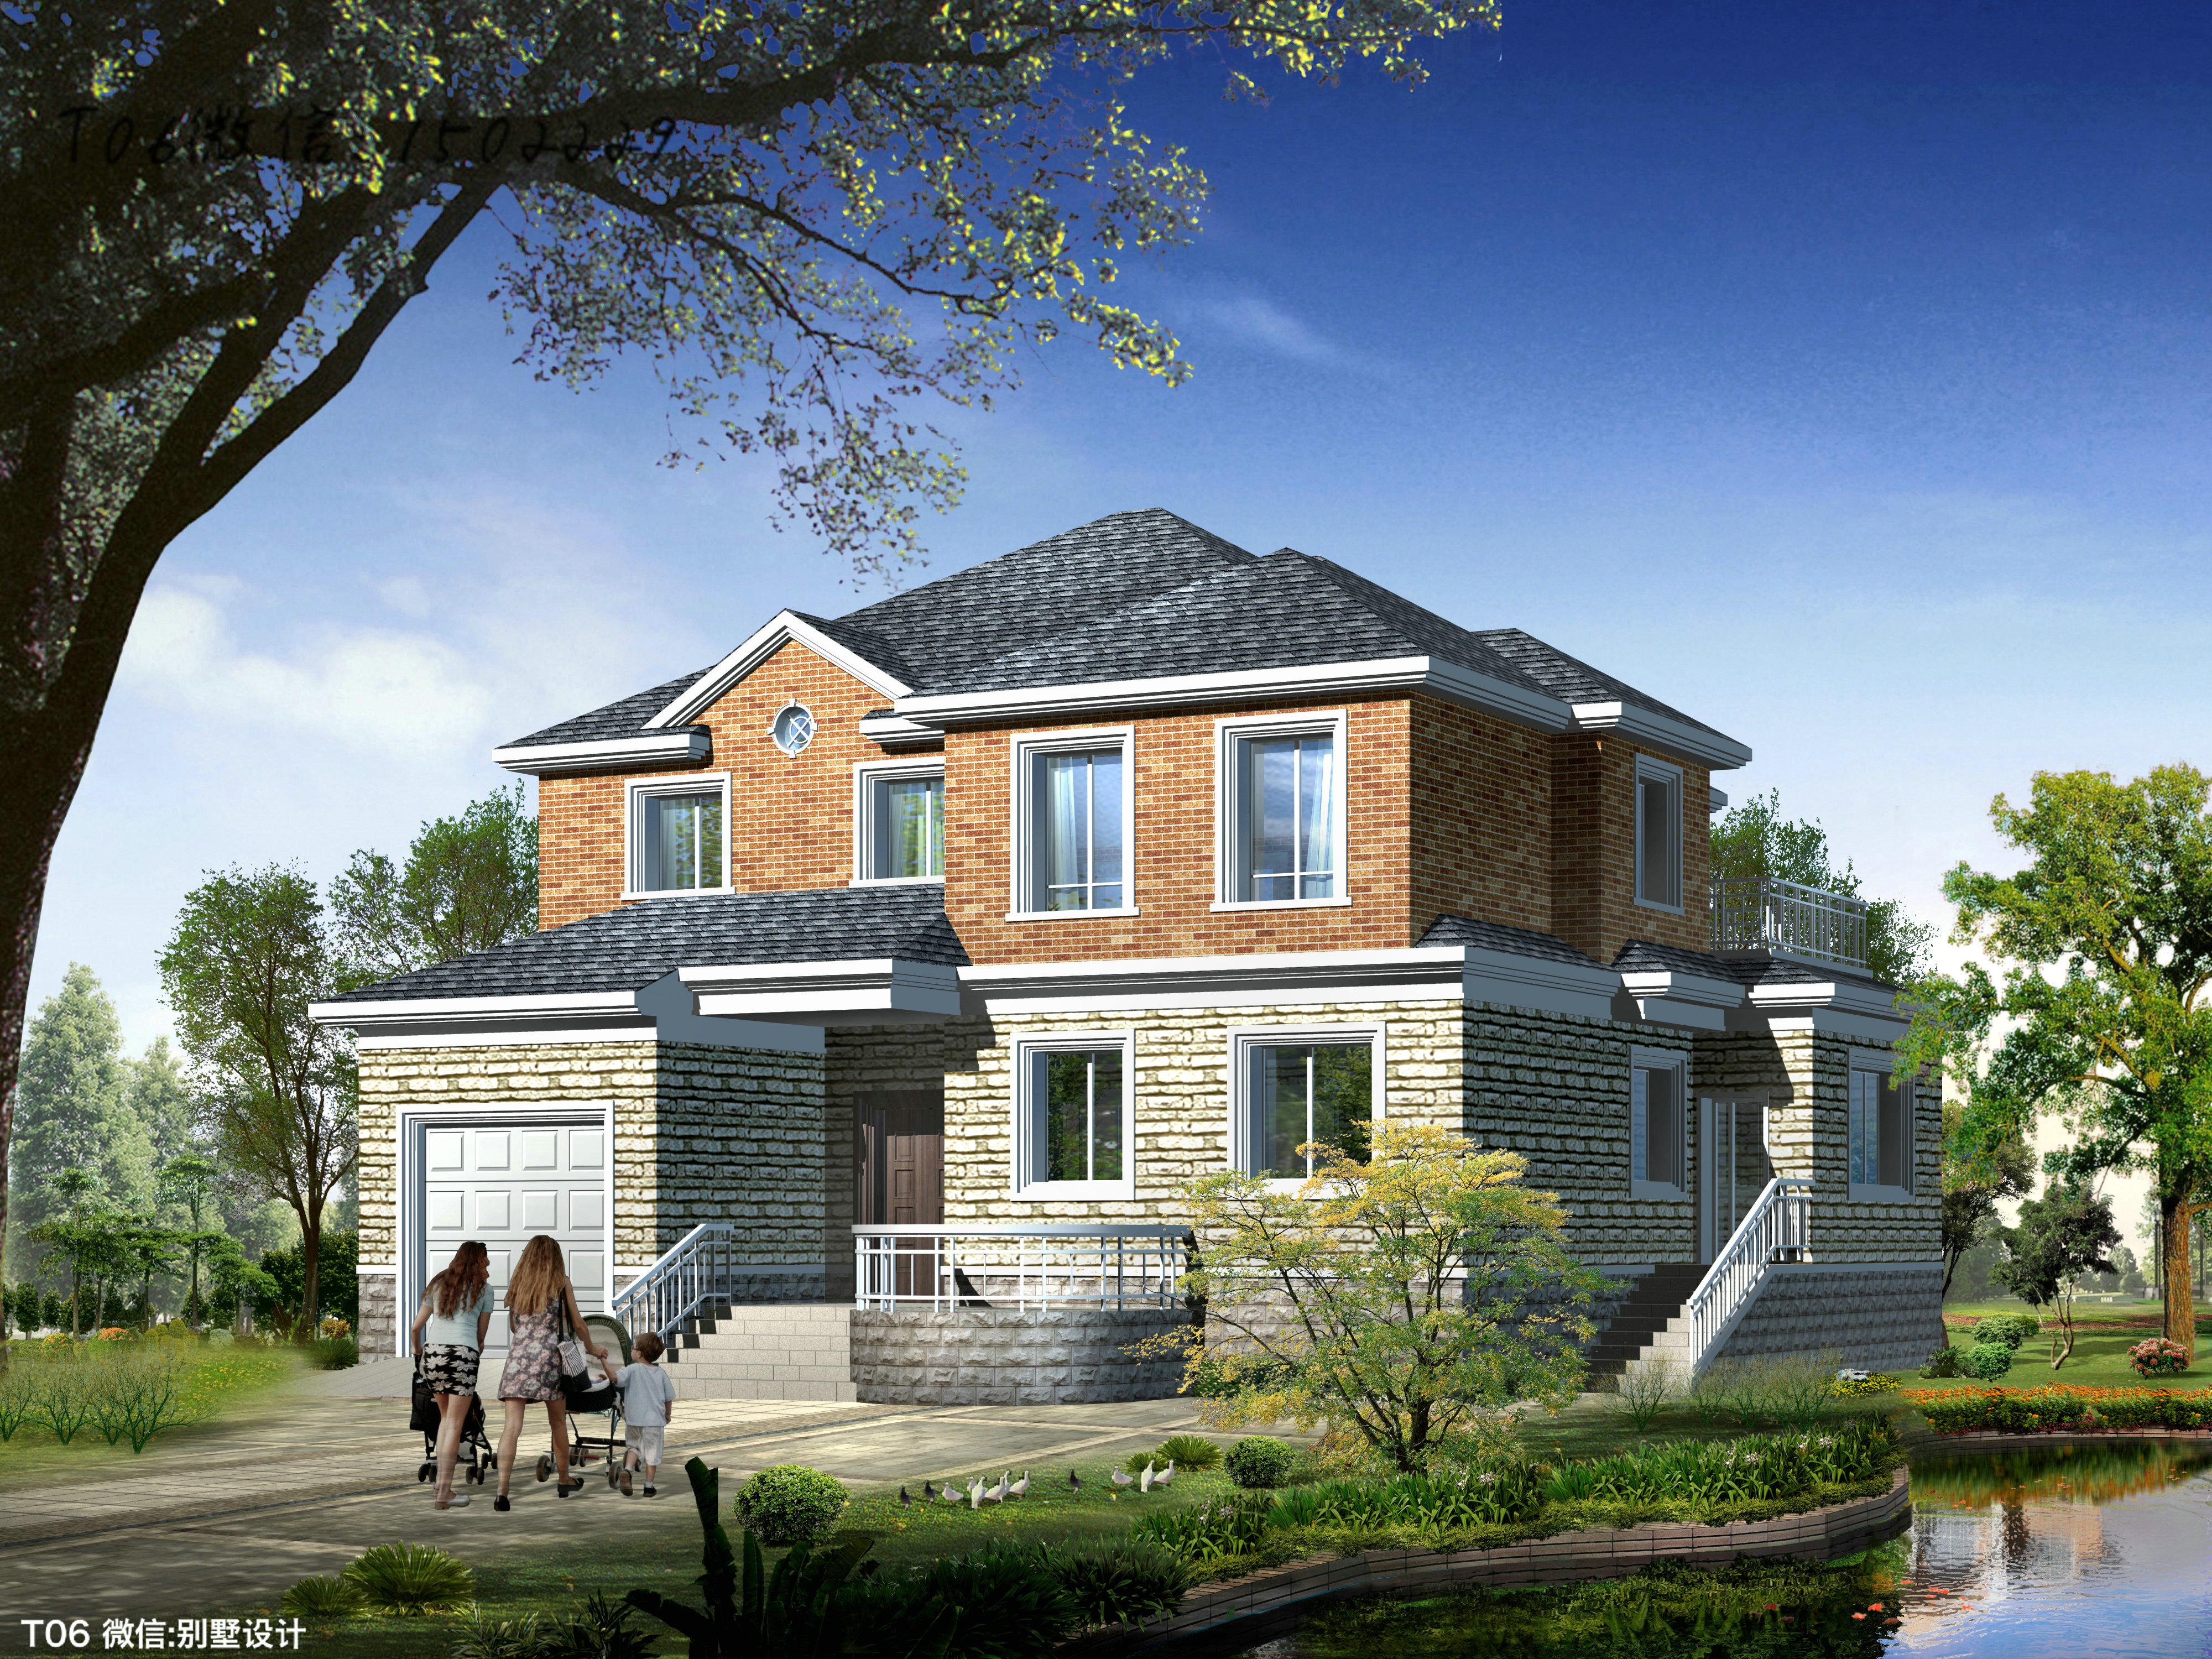 房设计图 两层住宅图集精选 小别墅图片新农村自建房设计图两层住宅图片